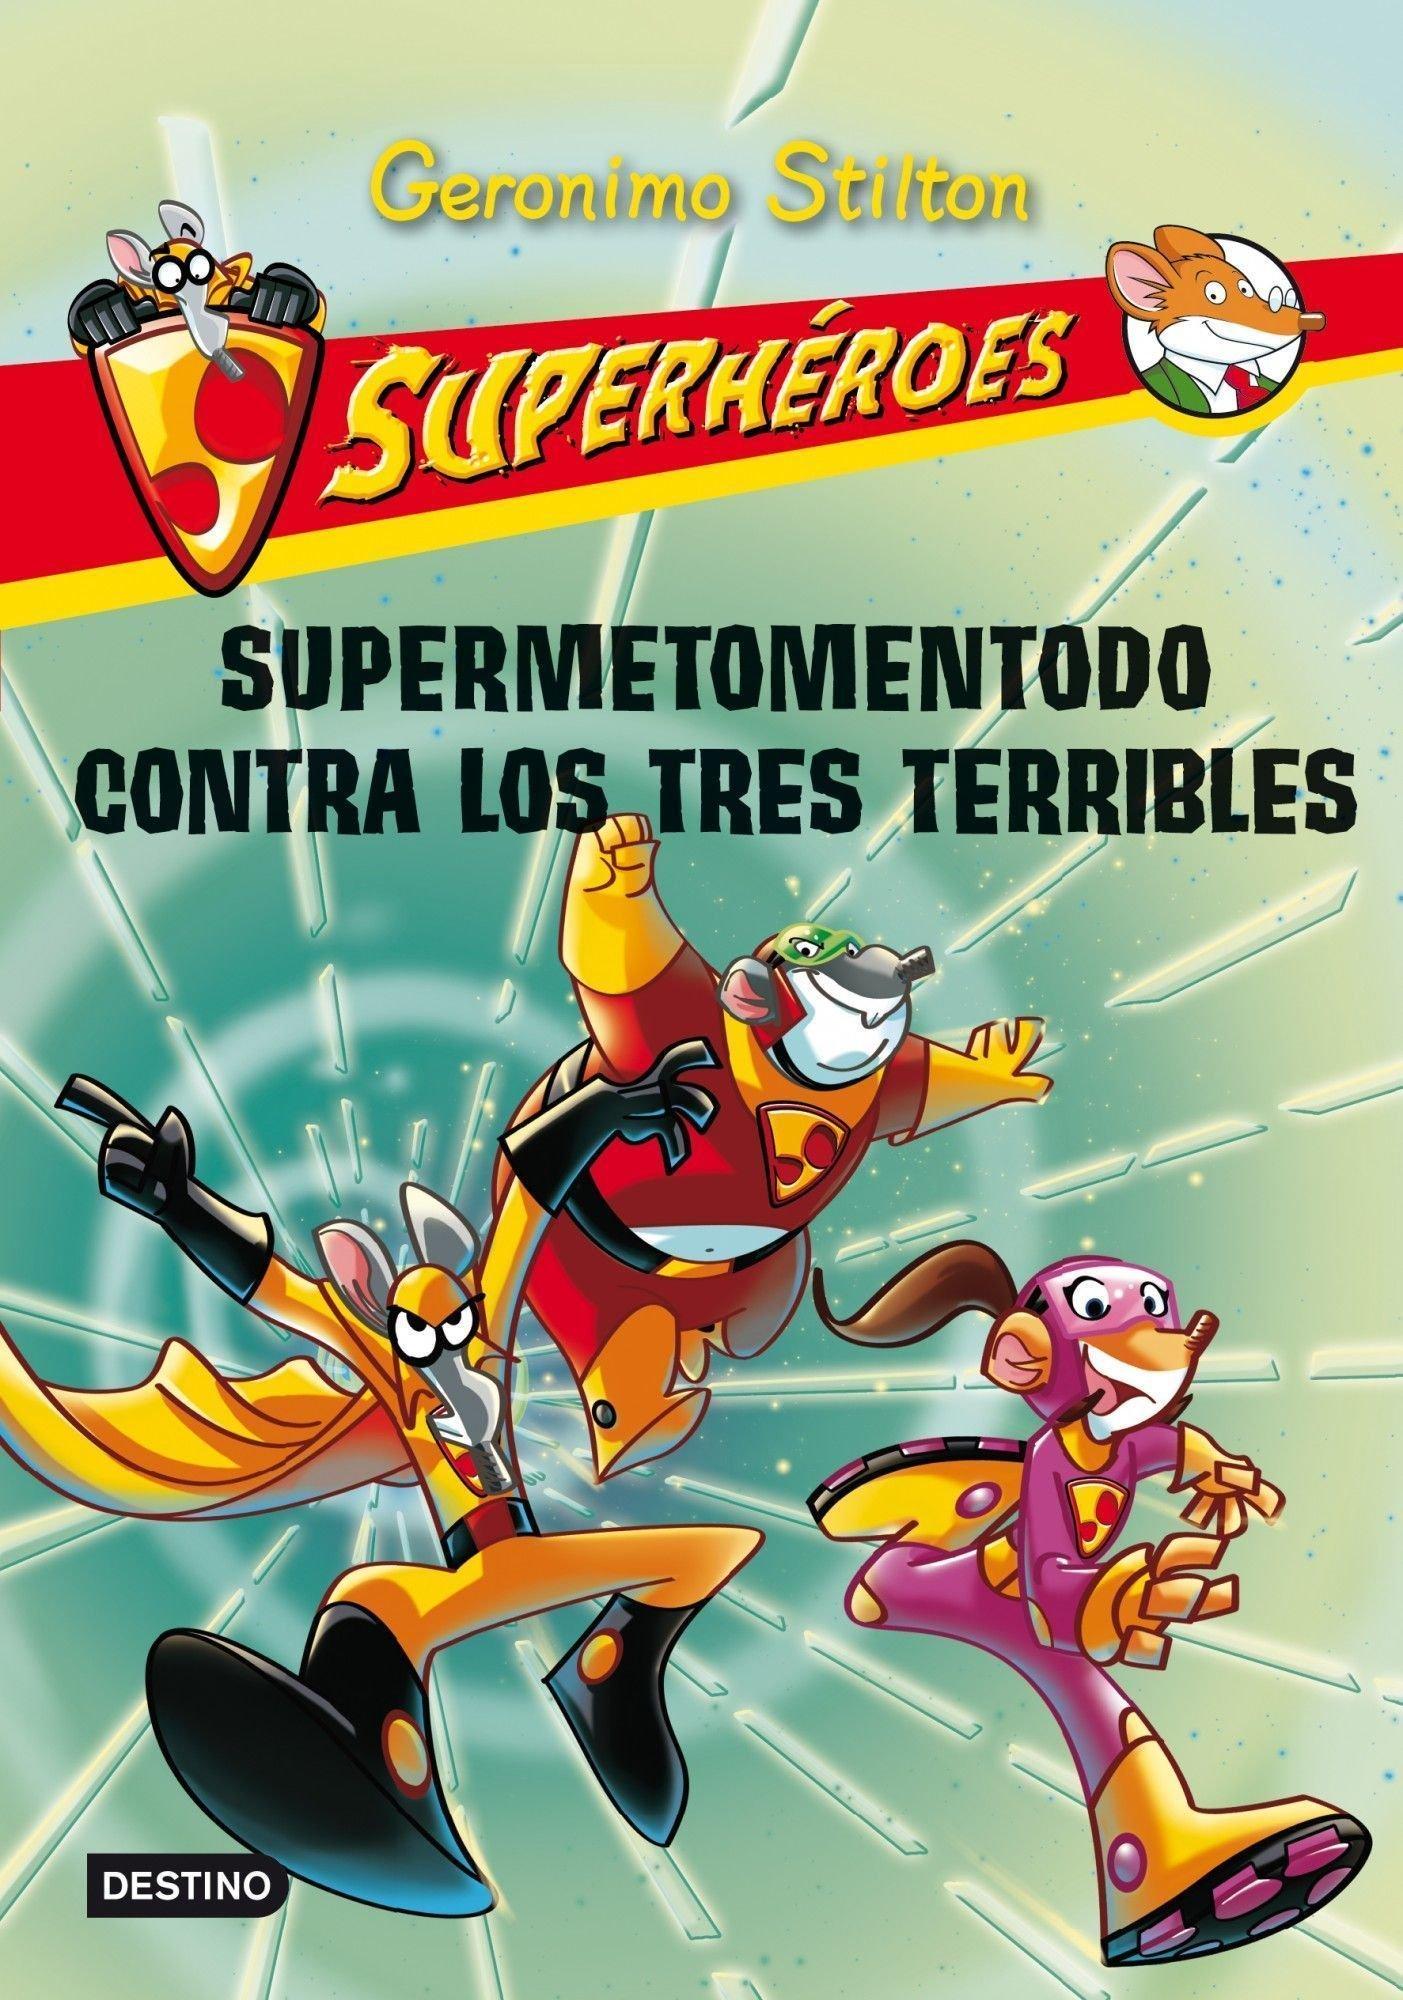 Read Online Superhéroes 4: Supermetementodo contra los tres terribles (Spanish Edition) (Geronimo Stilton (Spanish)) ebook